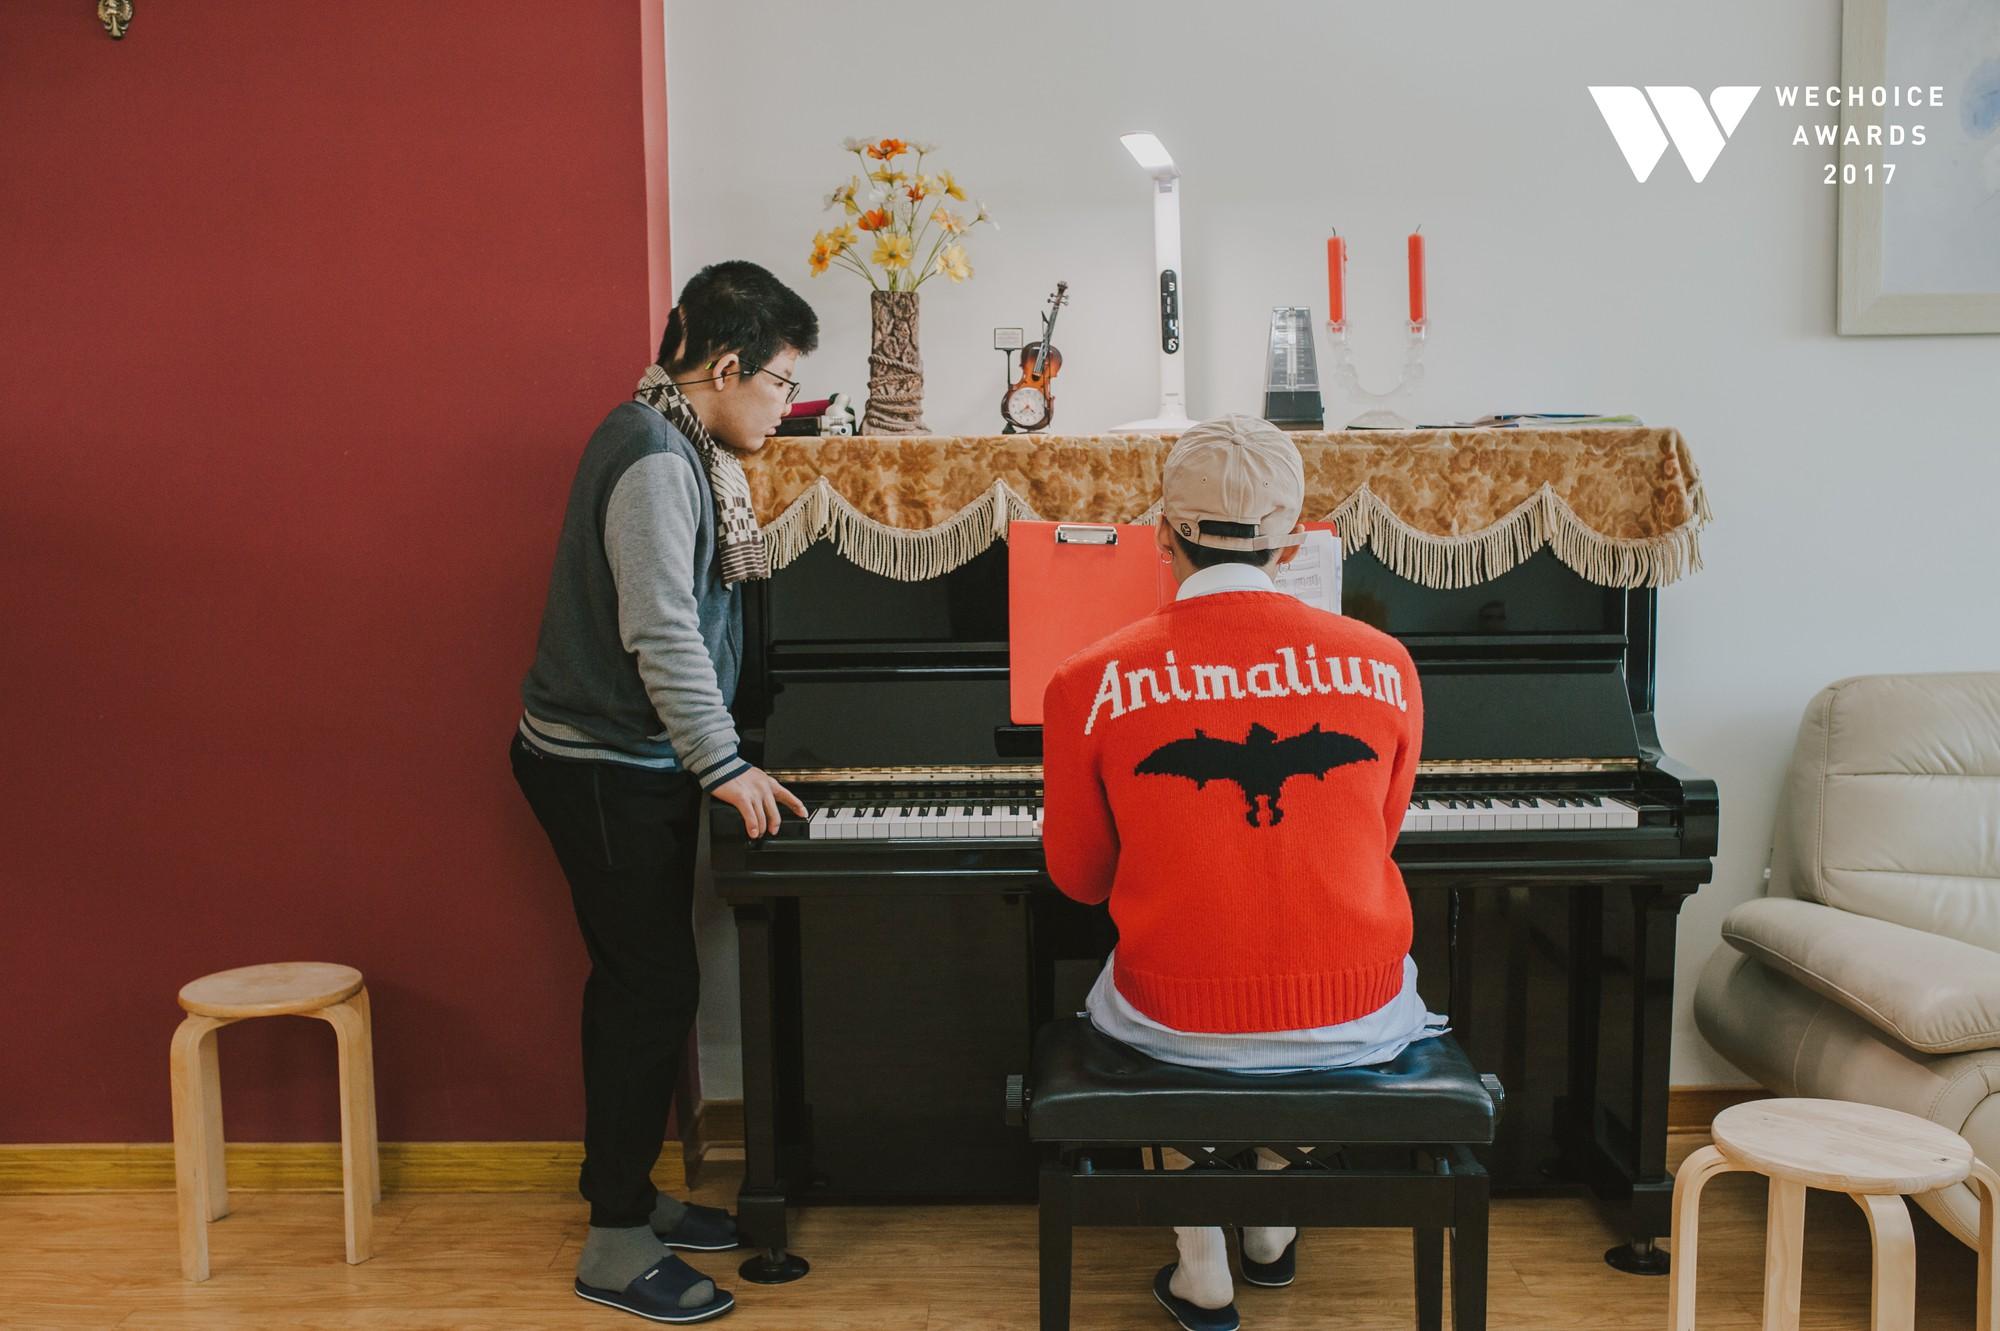 Khoảnh khắc đẹp: Sơn Tùng và bé Bôm hoà chung đam mê qua tiếng đàn, tập luyện cho sân khấu đặc biệt Gala WeChoice Awards 2017 - Ảnh 17.